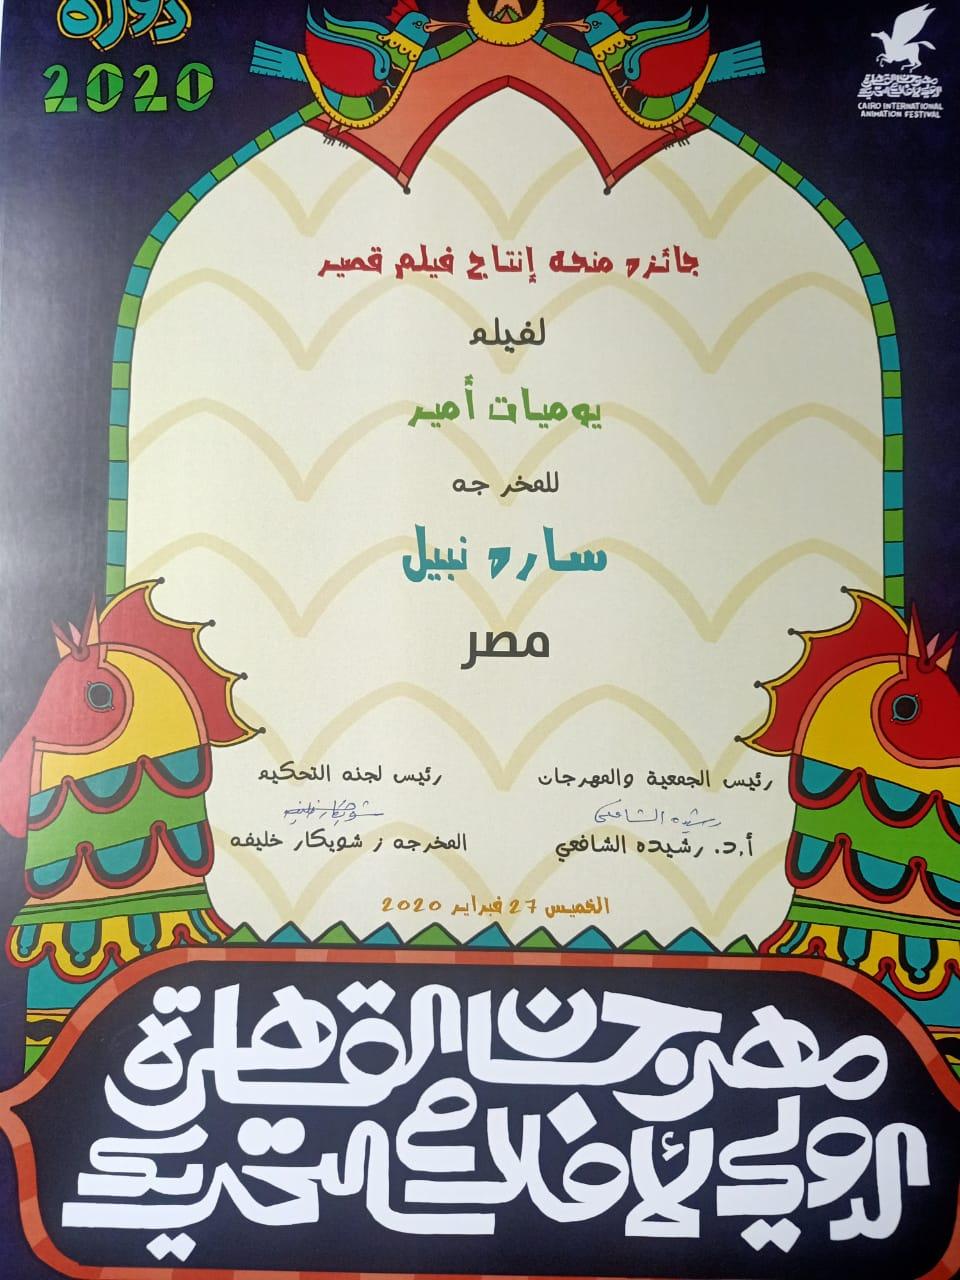 جوائز مهرجان القاهرة الدولي (6)